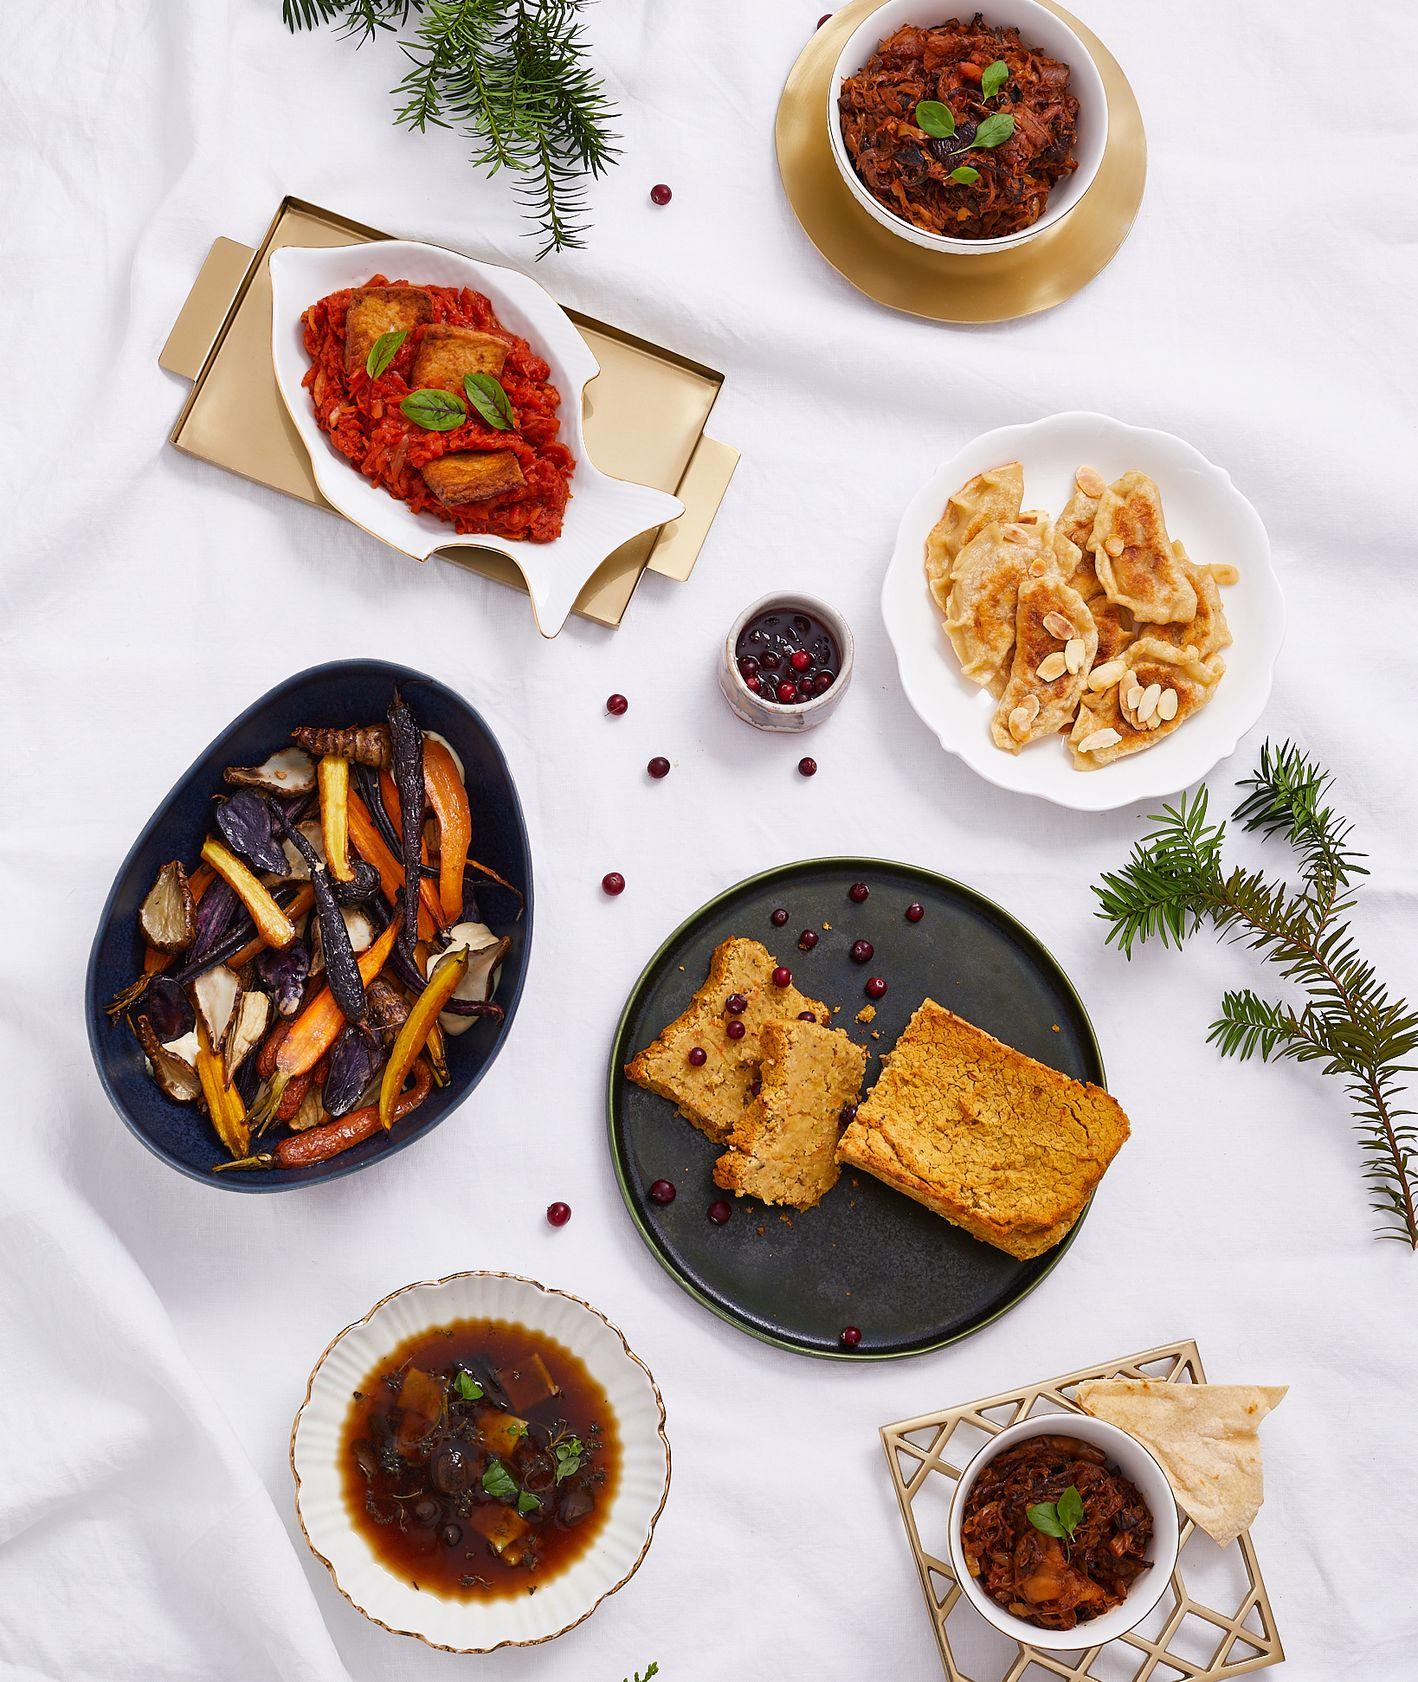 Pomysły na wegańską kolację wigilijną (fot. Maciek Niemojewski)